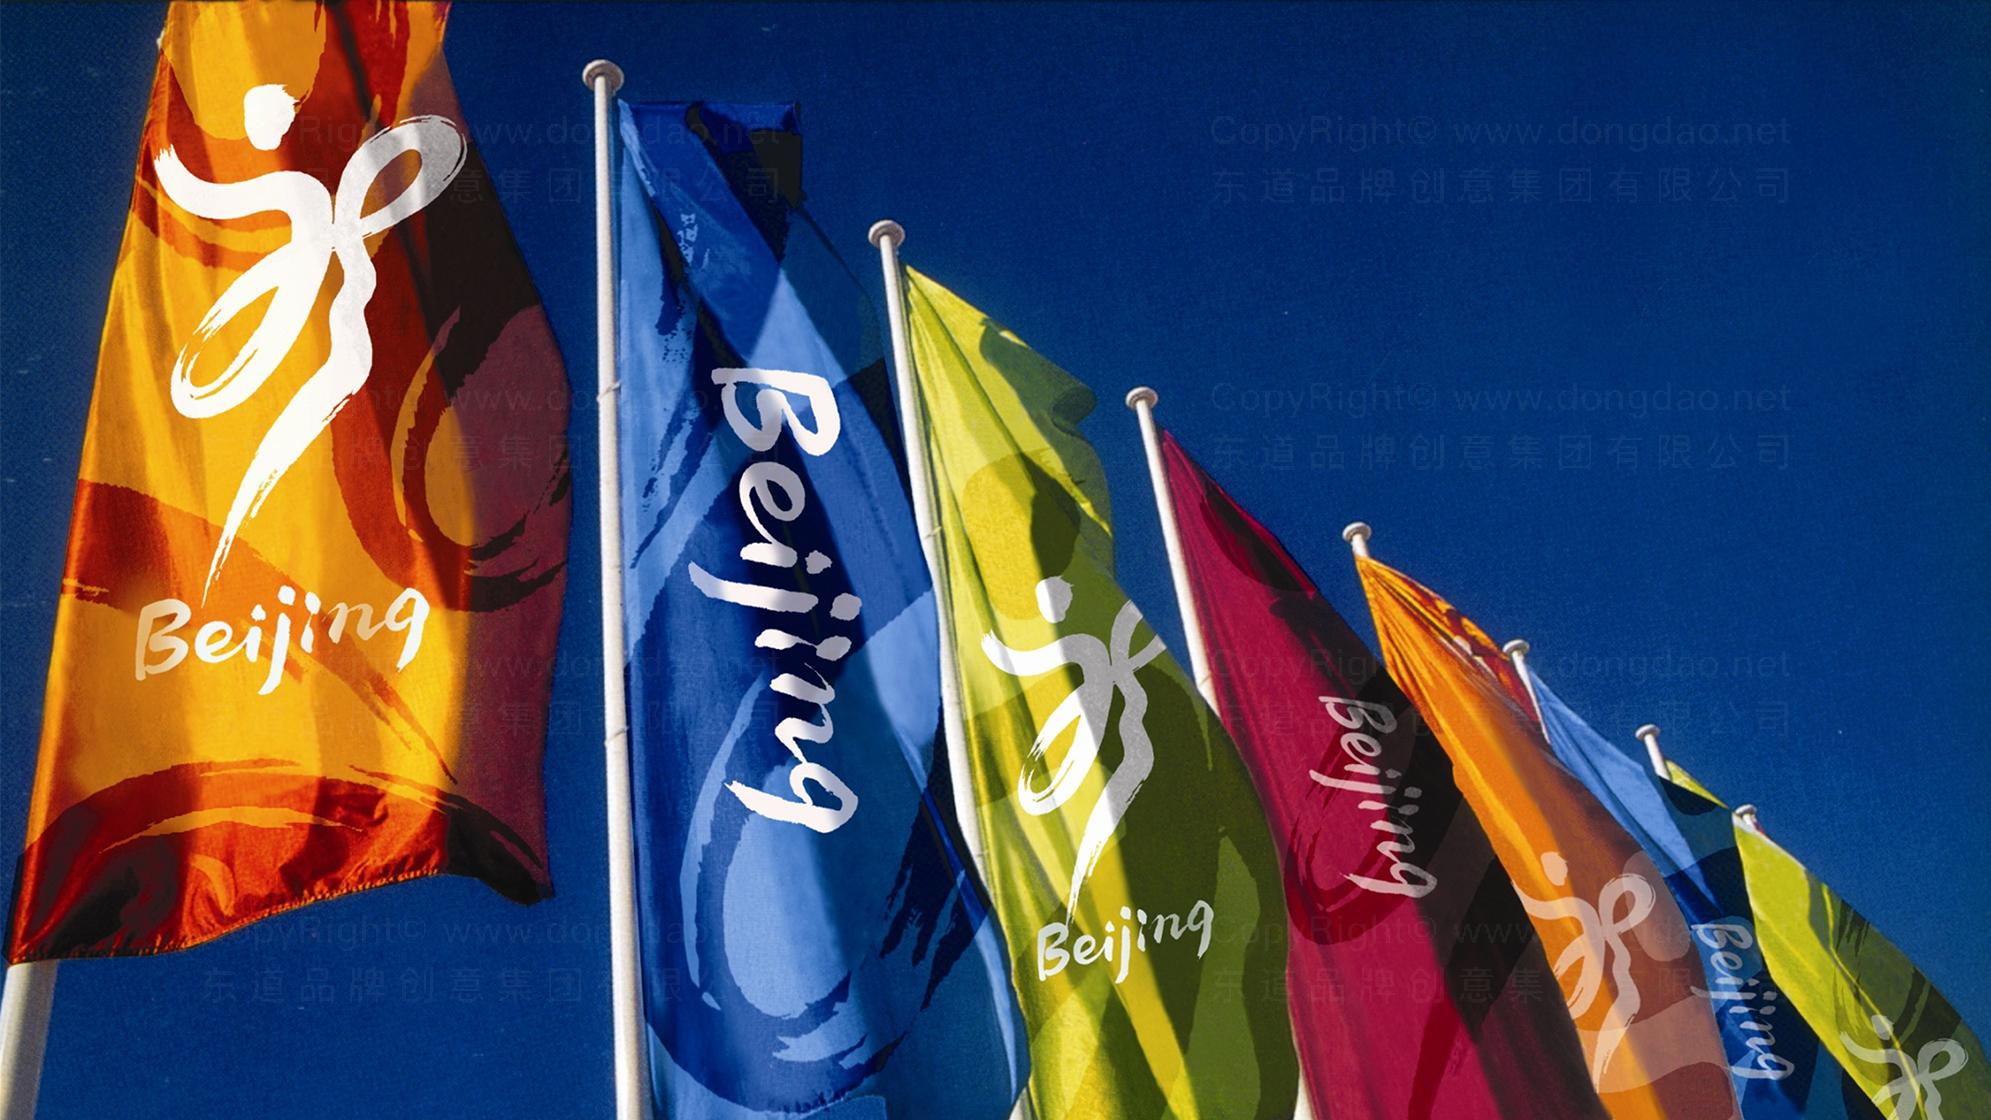 品牌设计北京2008奥运会会徽LOGO设计应用场景_1